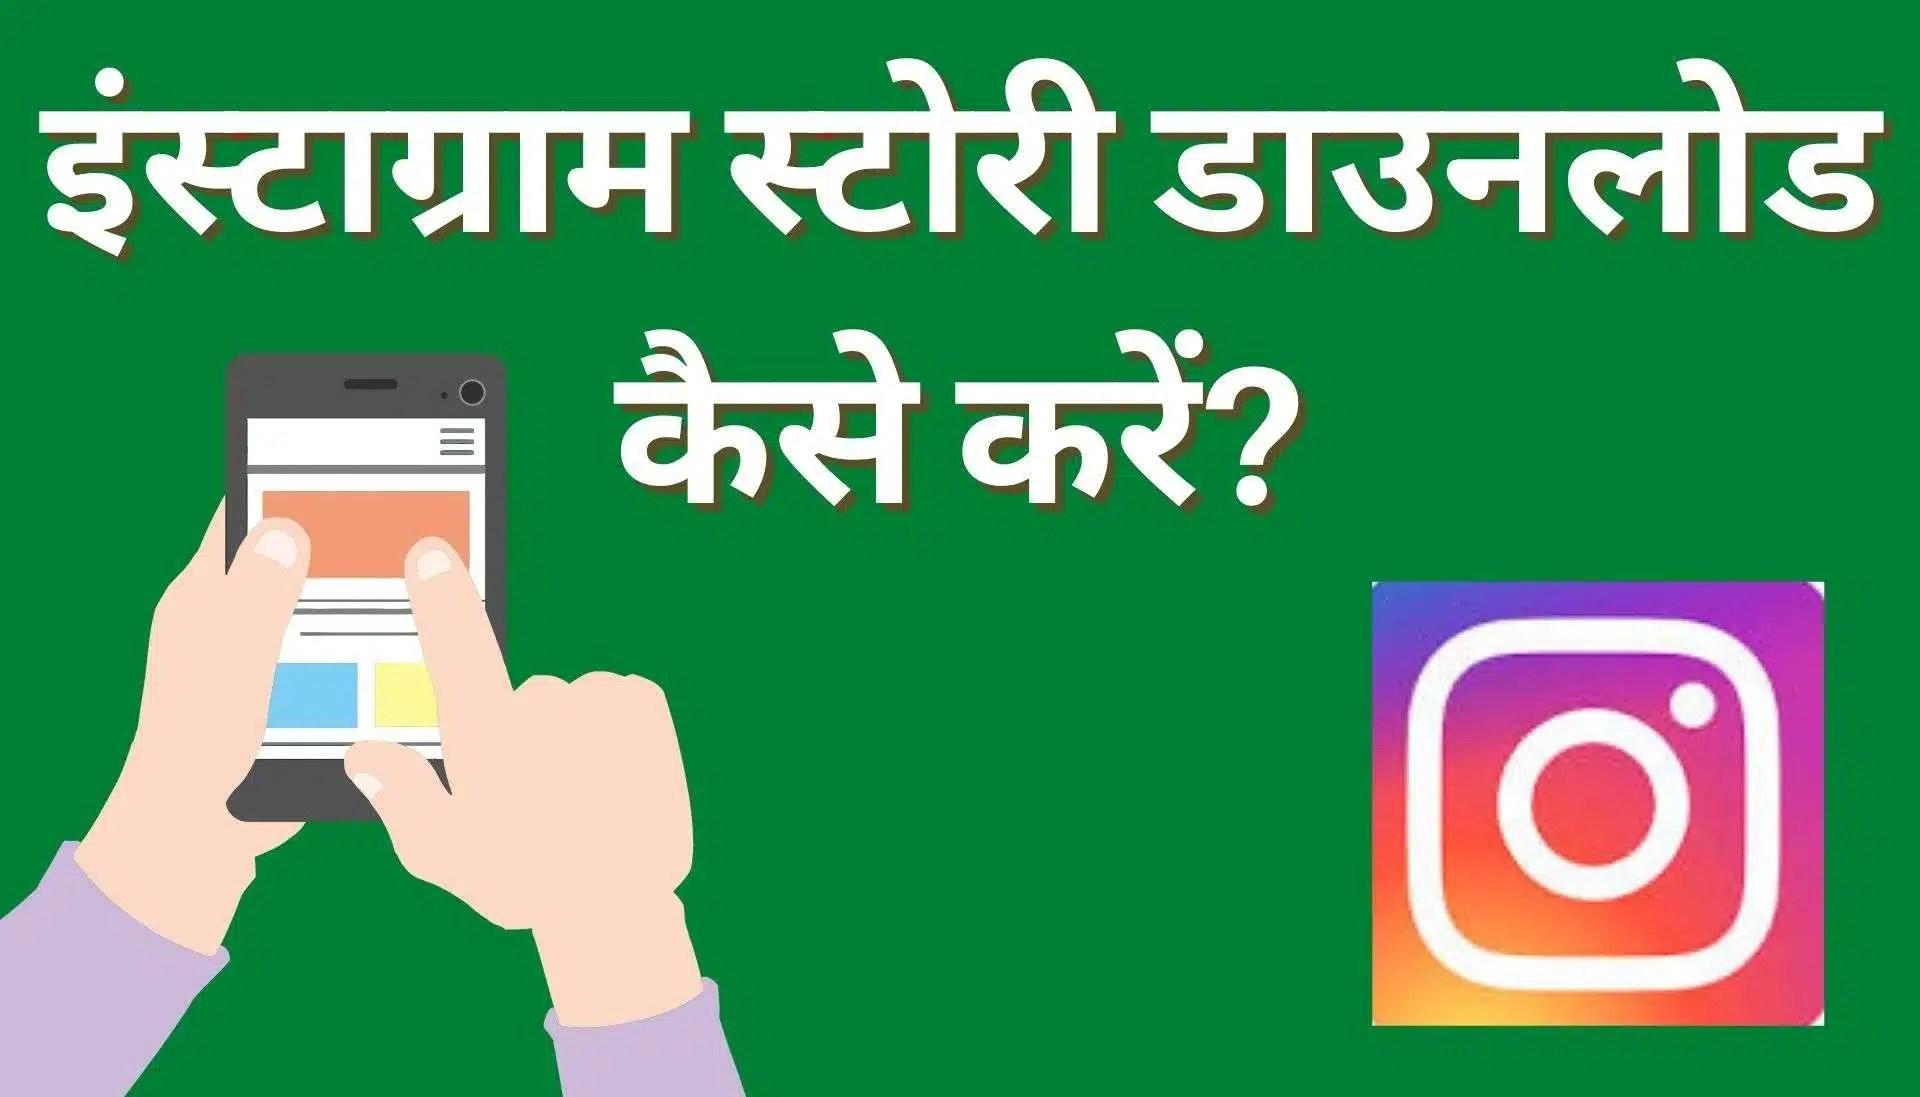 इंस्टाग्राम स्टोरी कैसे डाउनलोड करे Instagram Stories Saver in Hindi